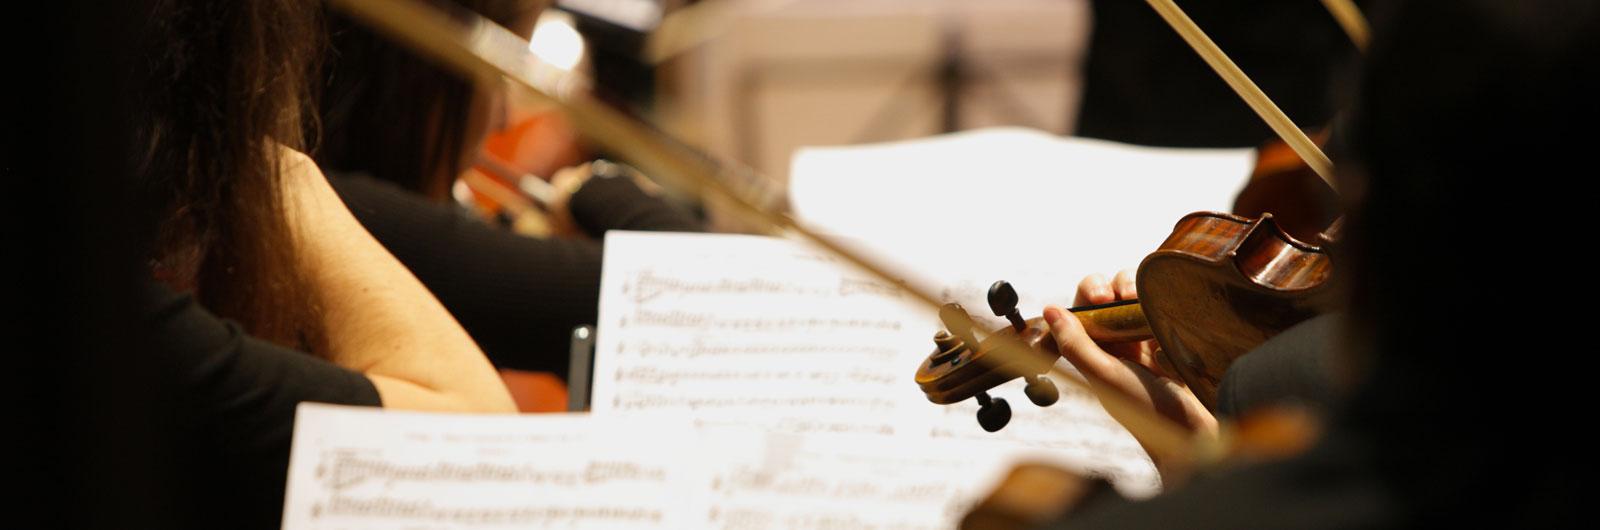 Scuola di musica online